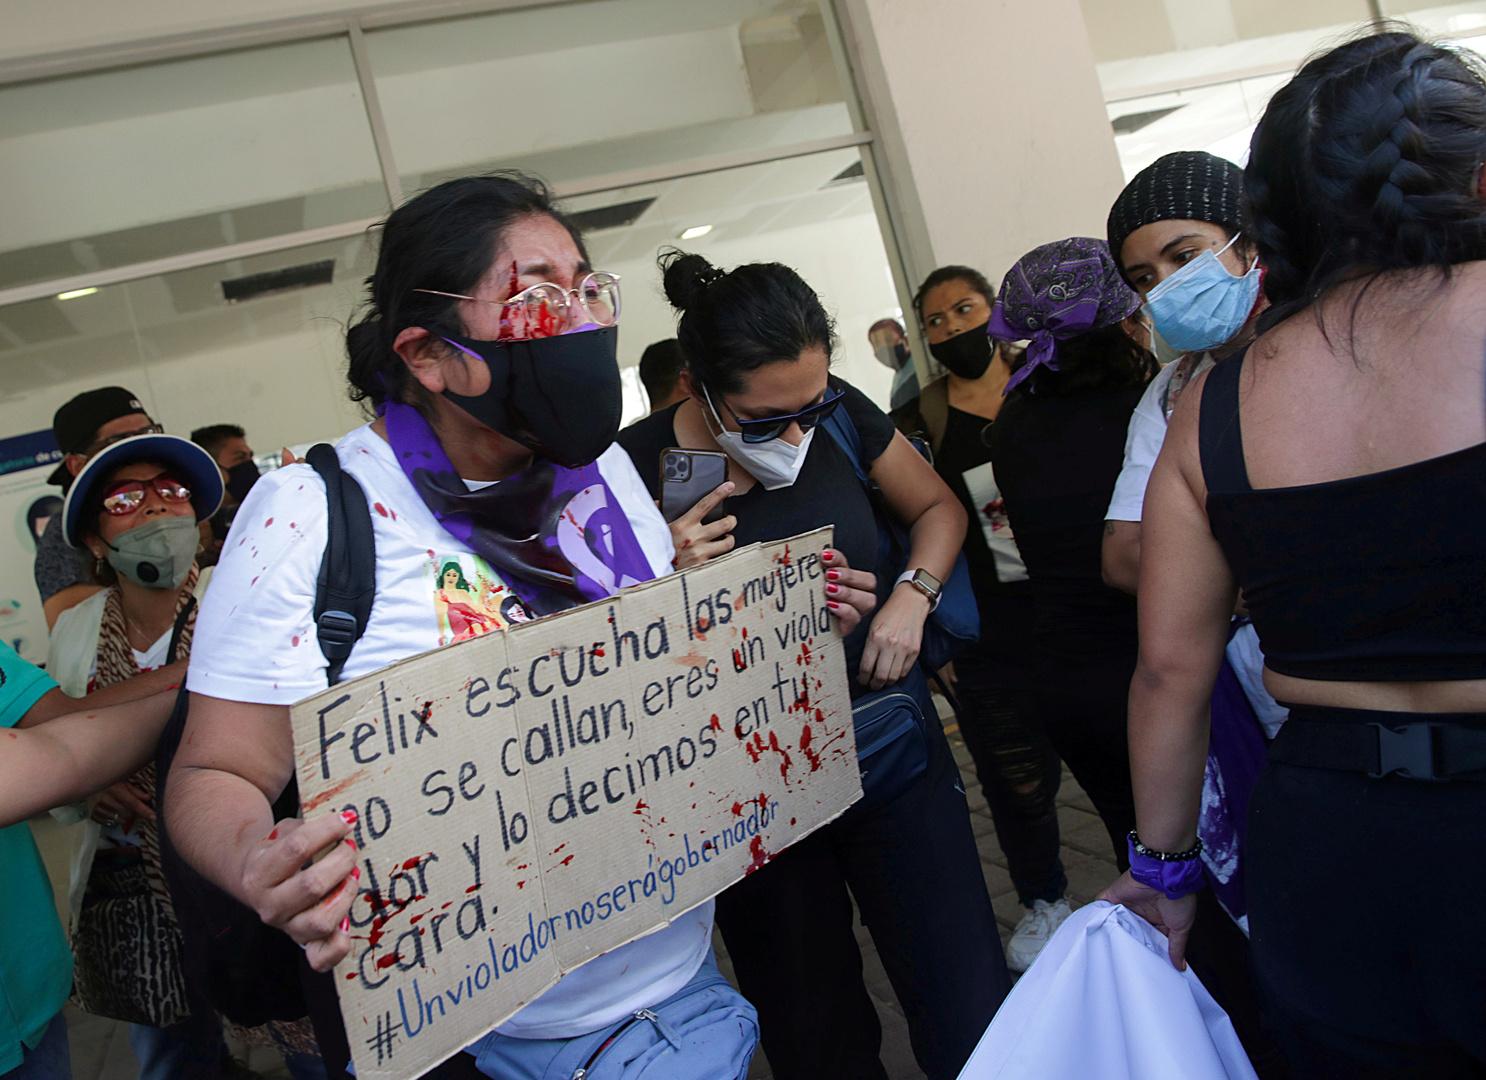 المكسيك.. اشتباكات بين محتجين إثر دعم الرئيس لمرشح متهم بالاغتصاب